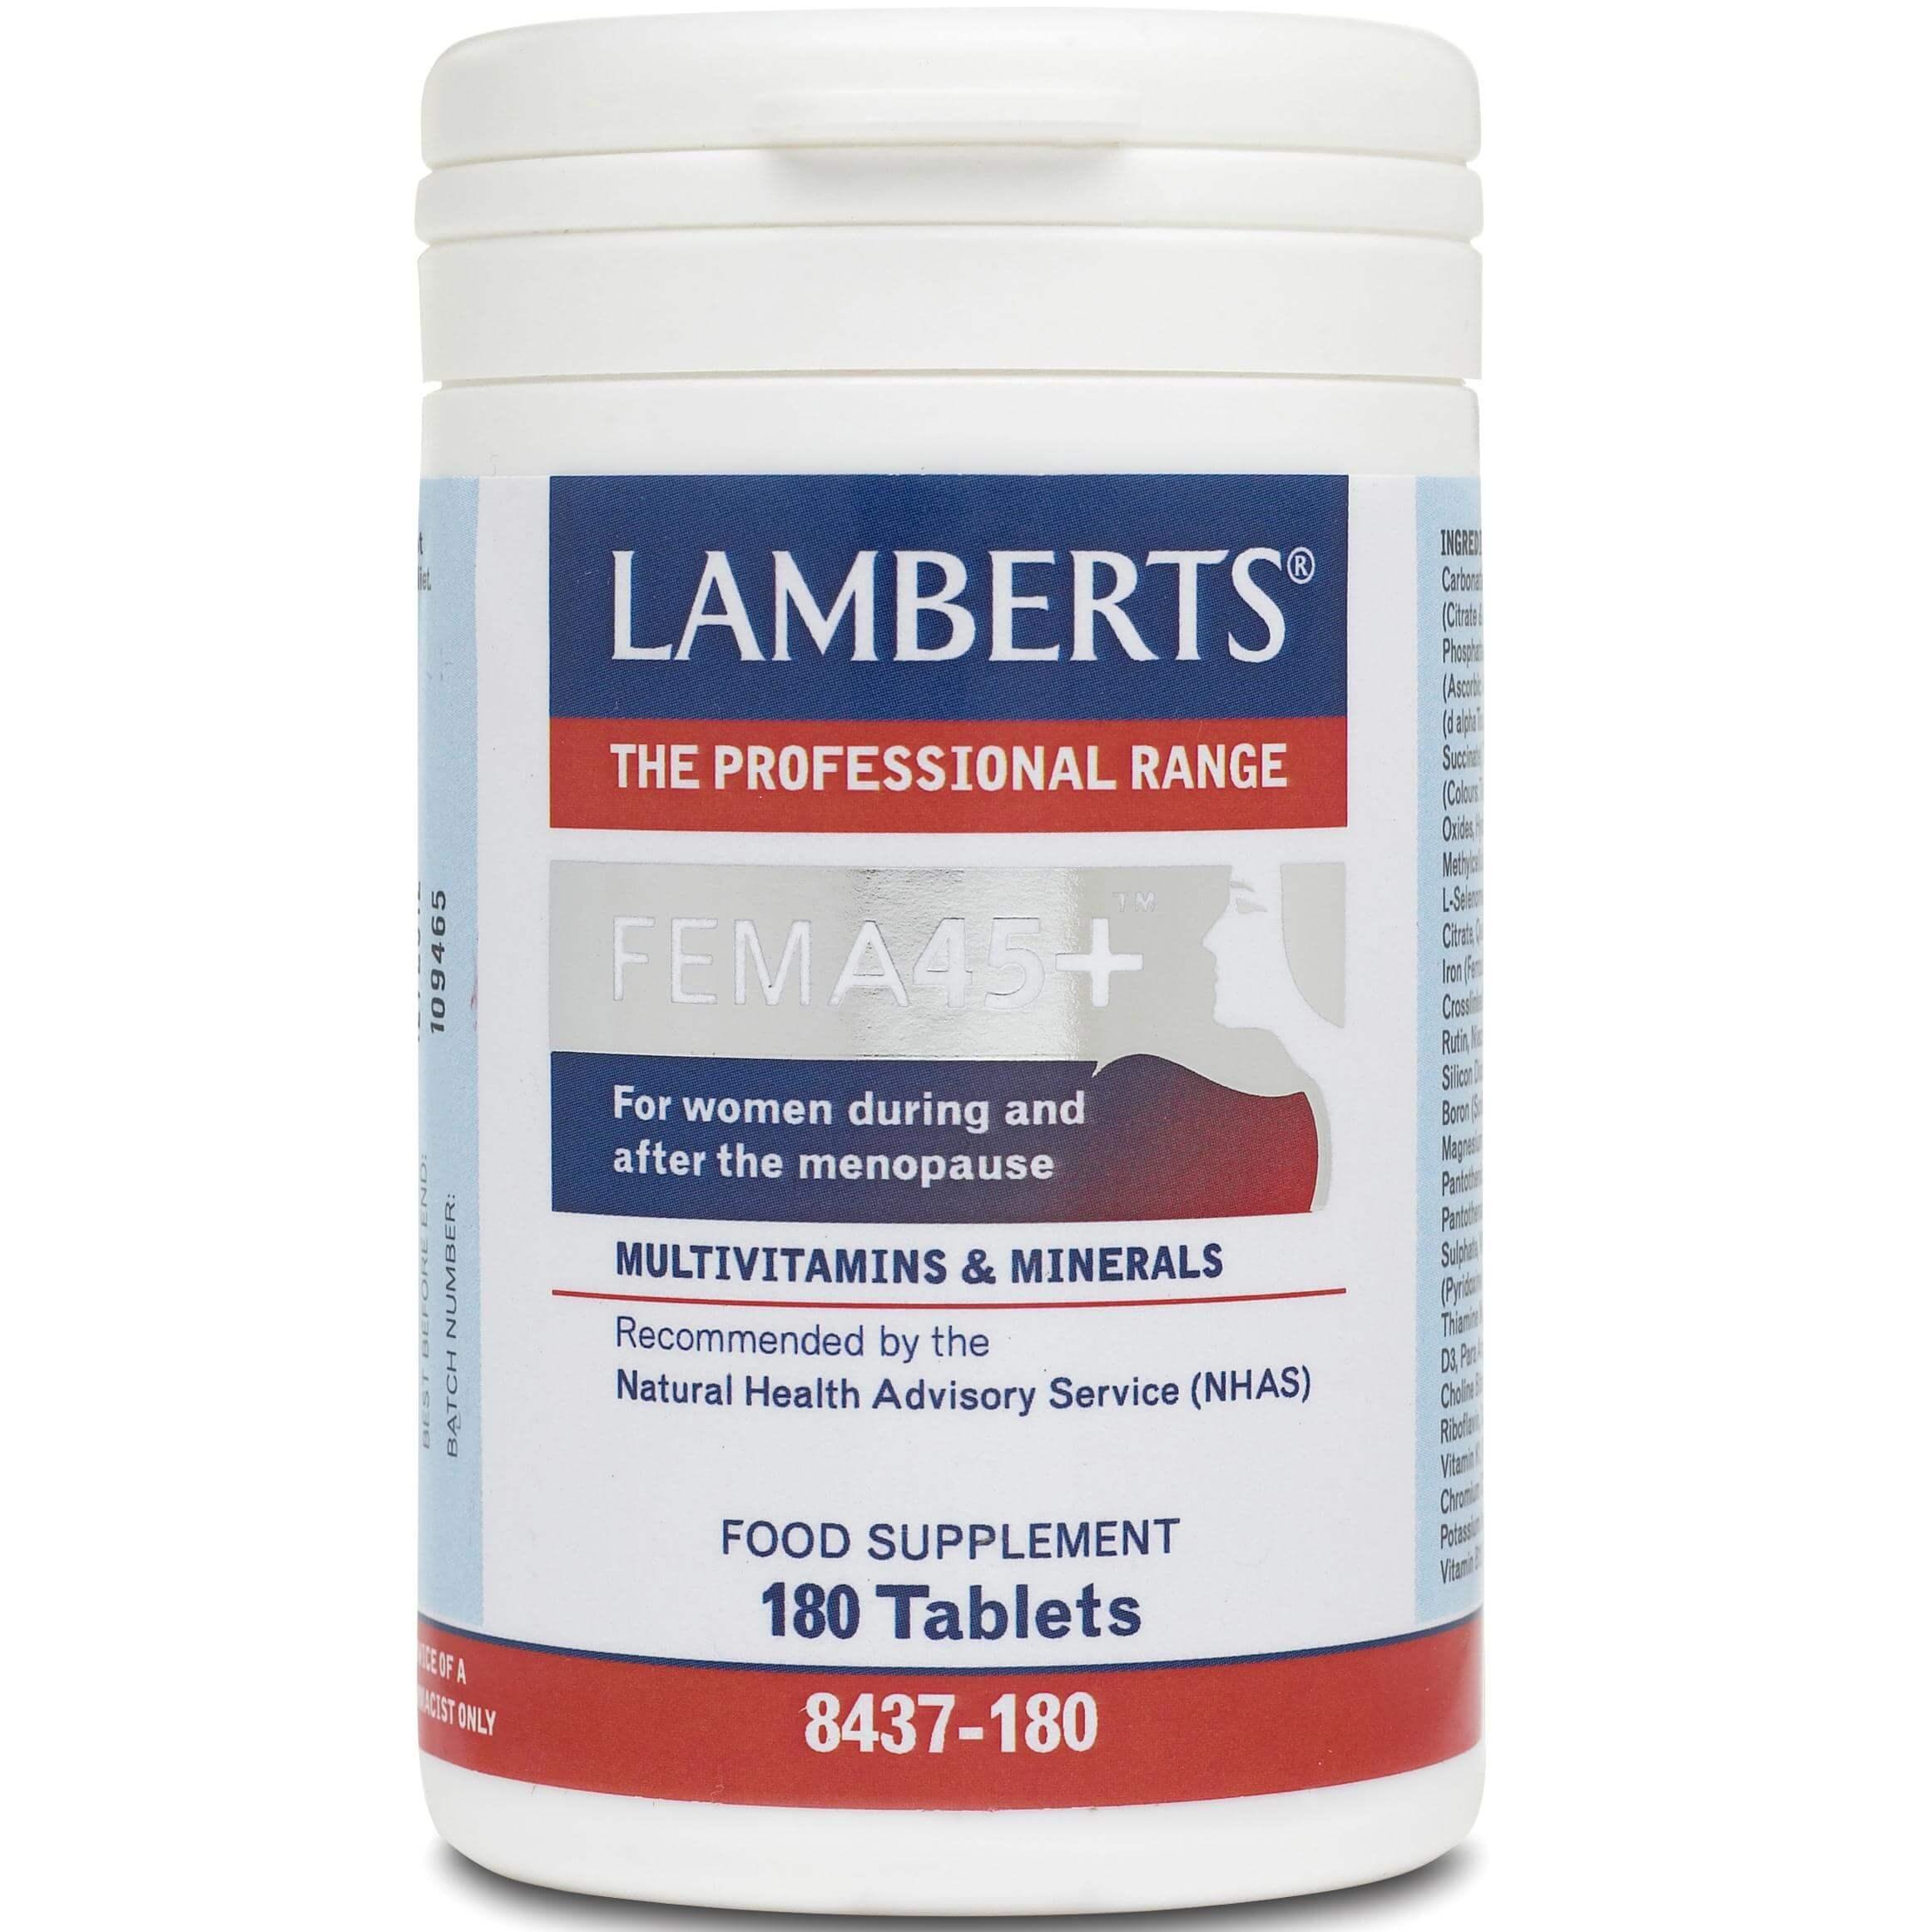 Lamberts Fema 45+ Συμπλήρωμα Διατροφής για τις Γυναίκες στην Περίοδο της Εμμηνόπαυσης 180tabs